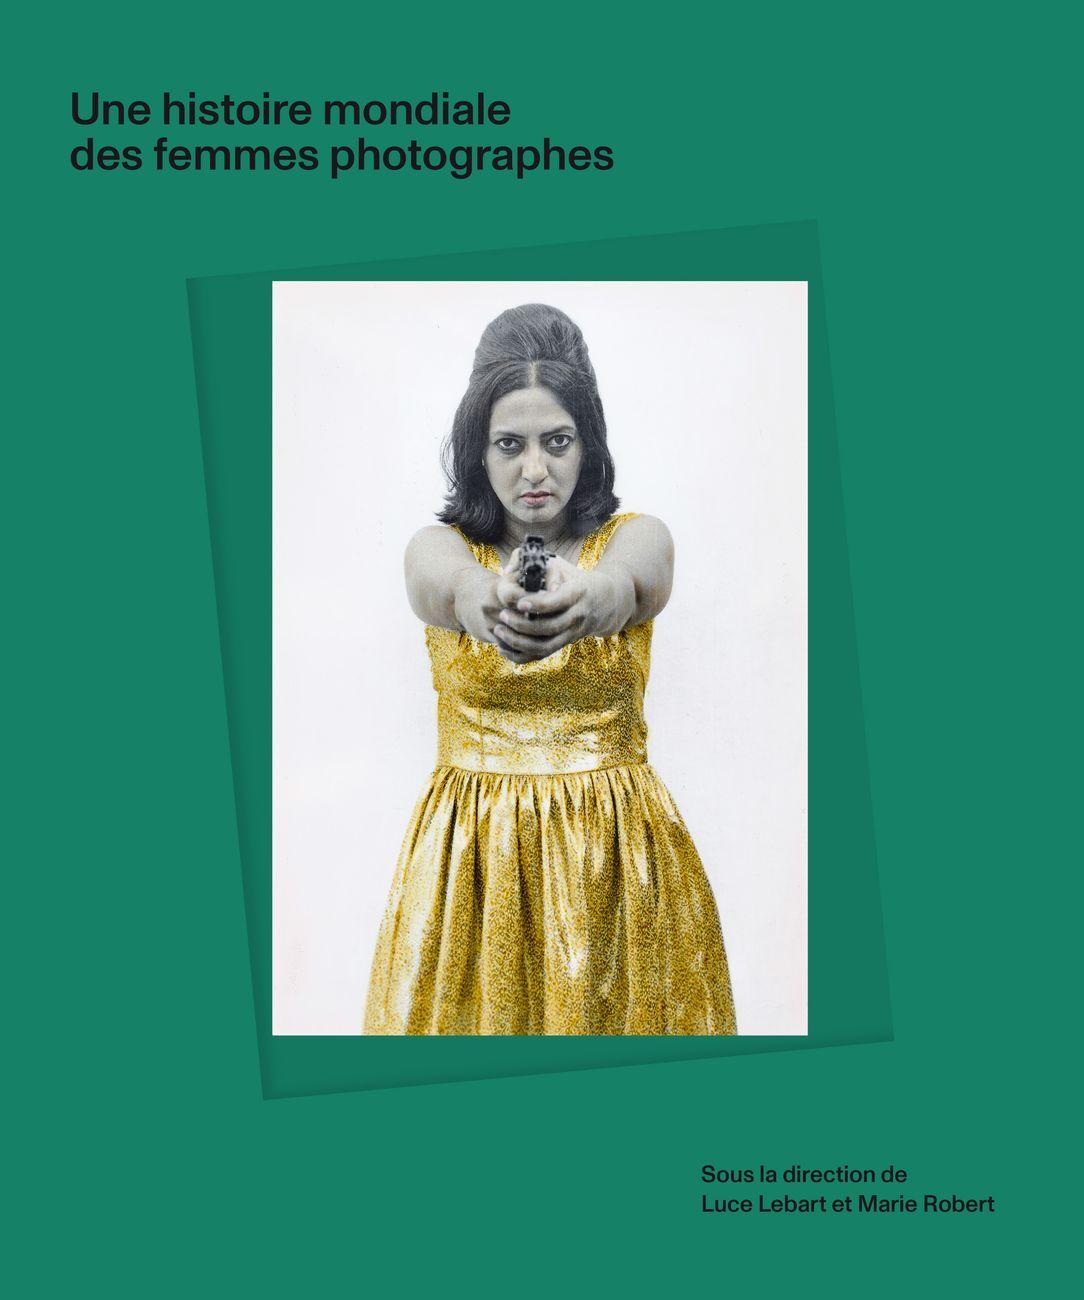 Luce Lebart & Marie Robert (a cura di) ‒ Une Histoire mondiale des femmes photographes (Editions Textuel, Parigi 2020) © Pushpamala N.